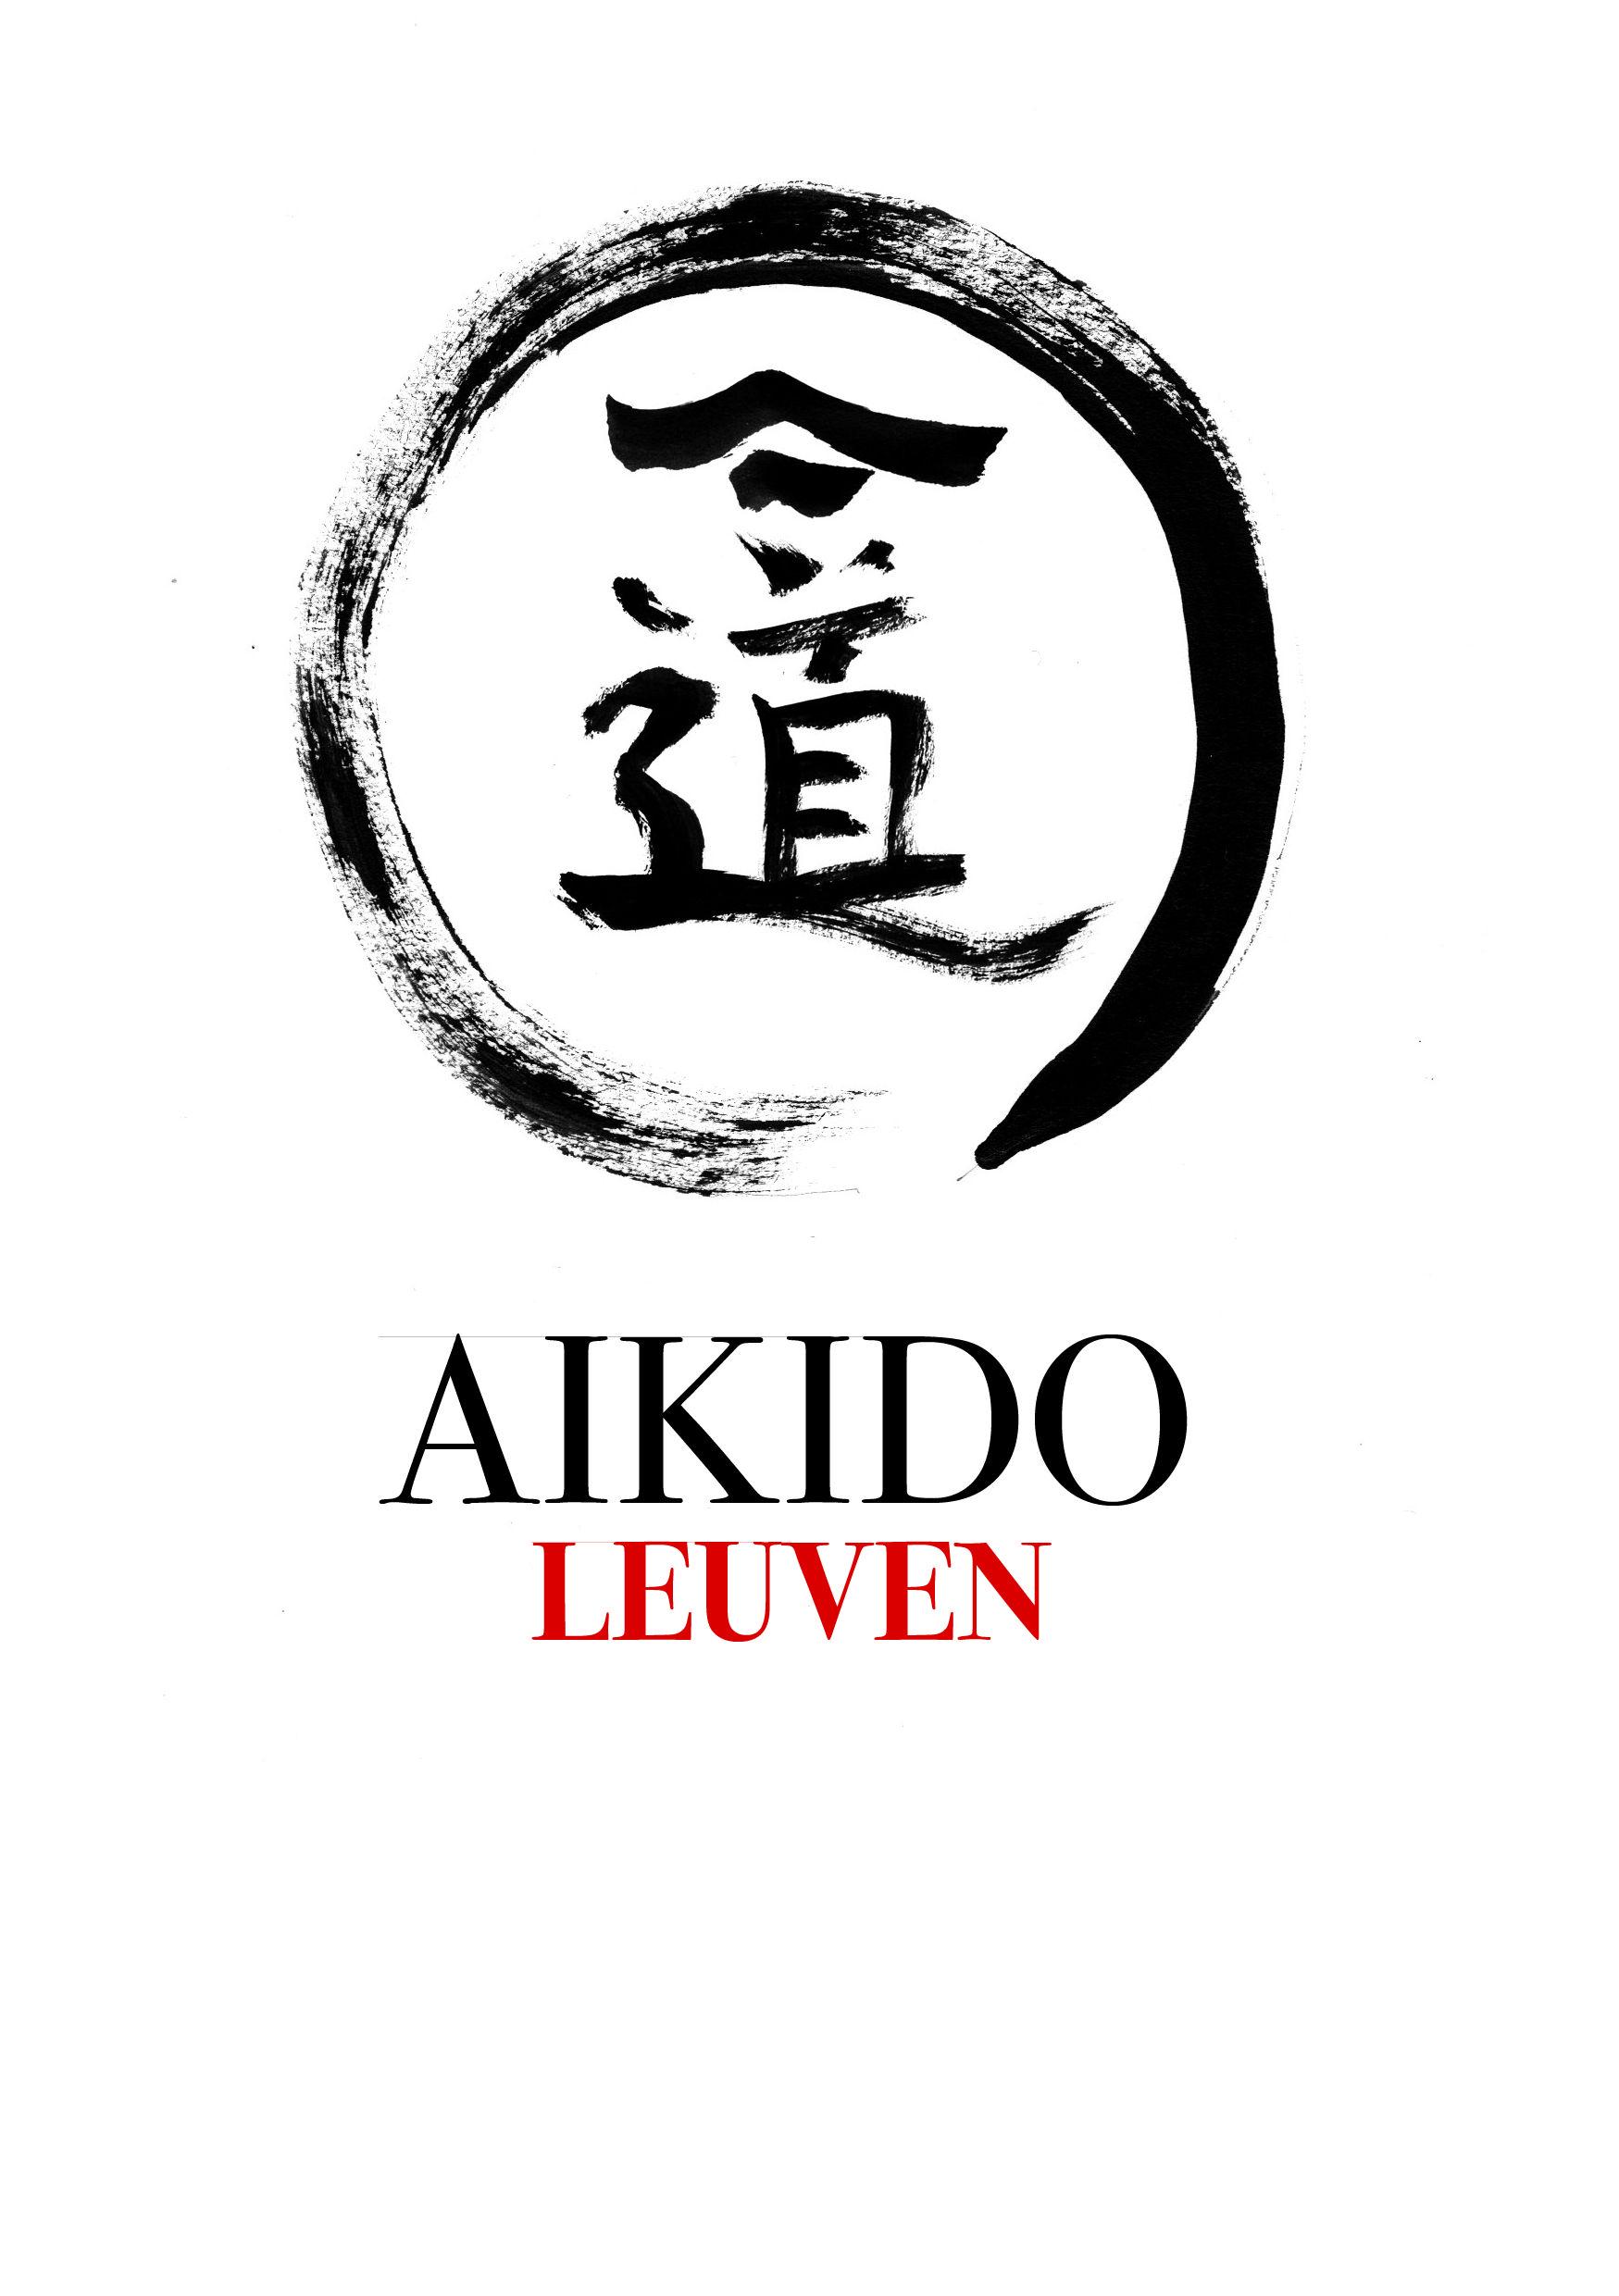 Pin Crest Ontwerp Aikido Waldvögel van Grafisch op Leuven